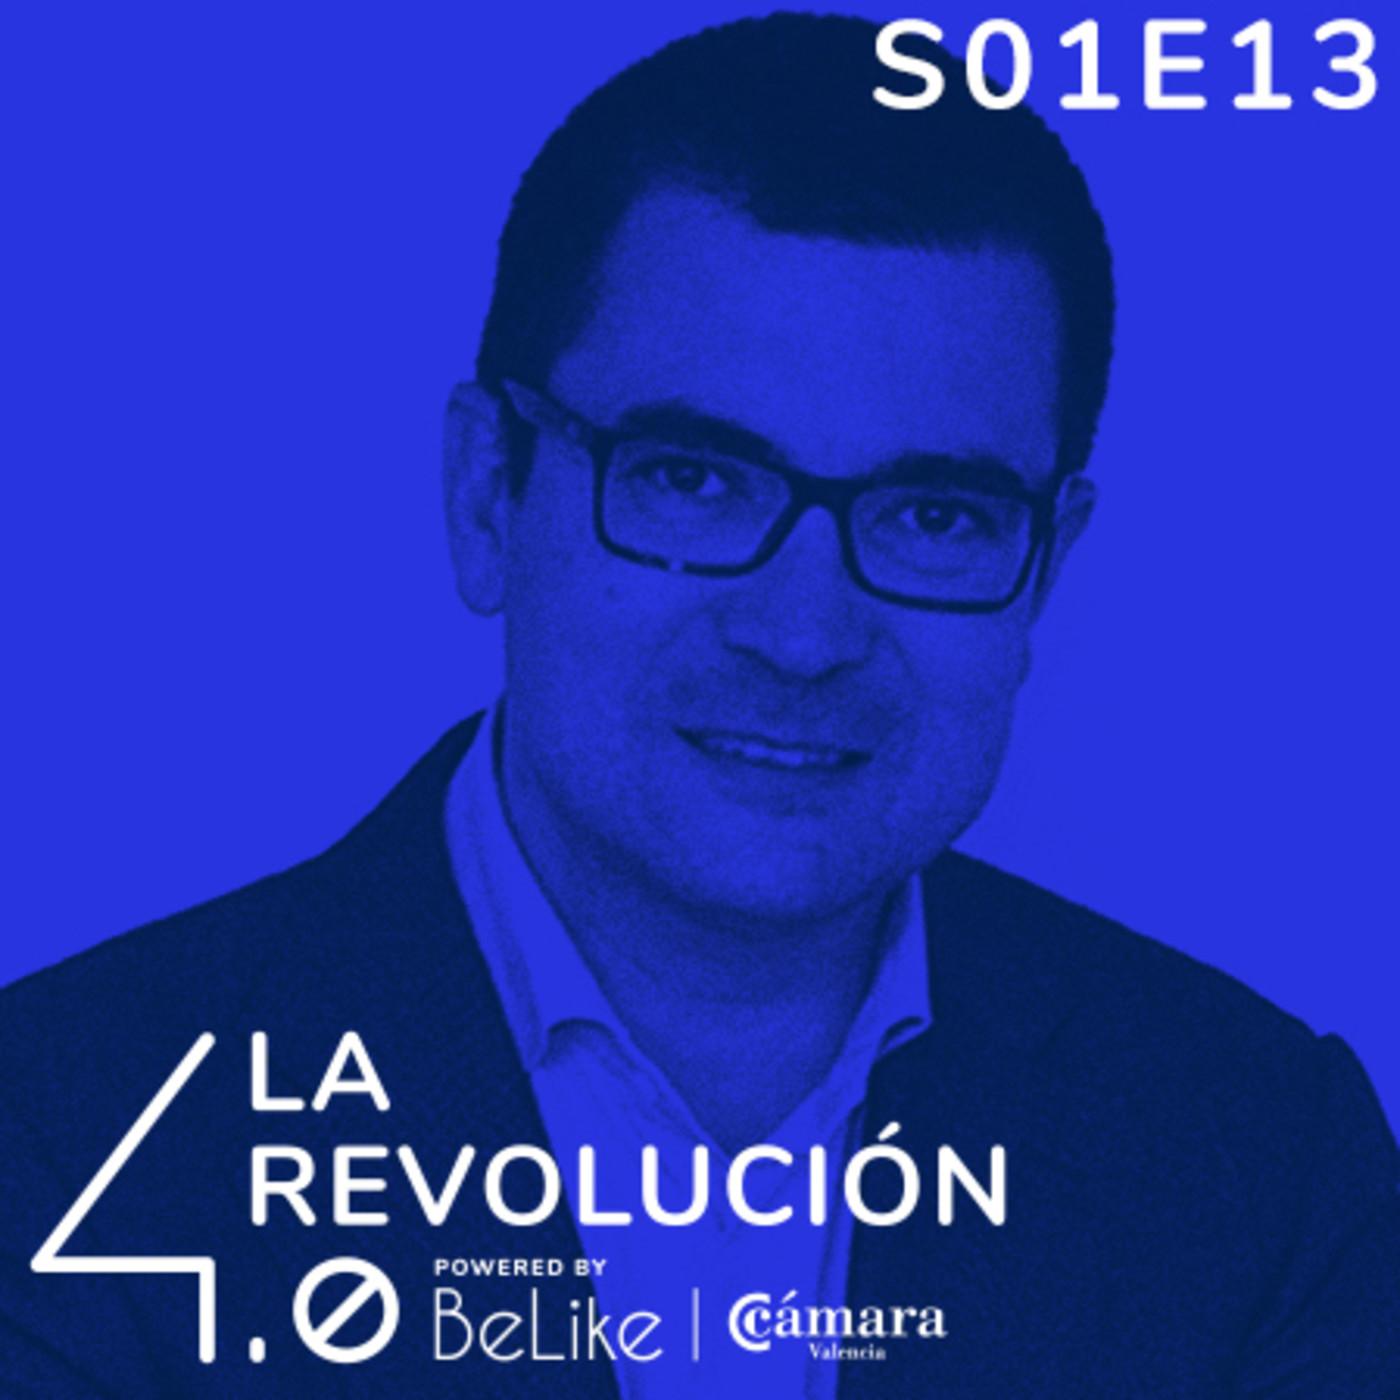 Episodio 13: Industria 4.0 y tecnologías emergentes: más allá de la Transformación Digital' con Pablo Oliete